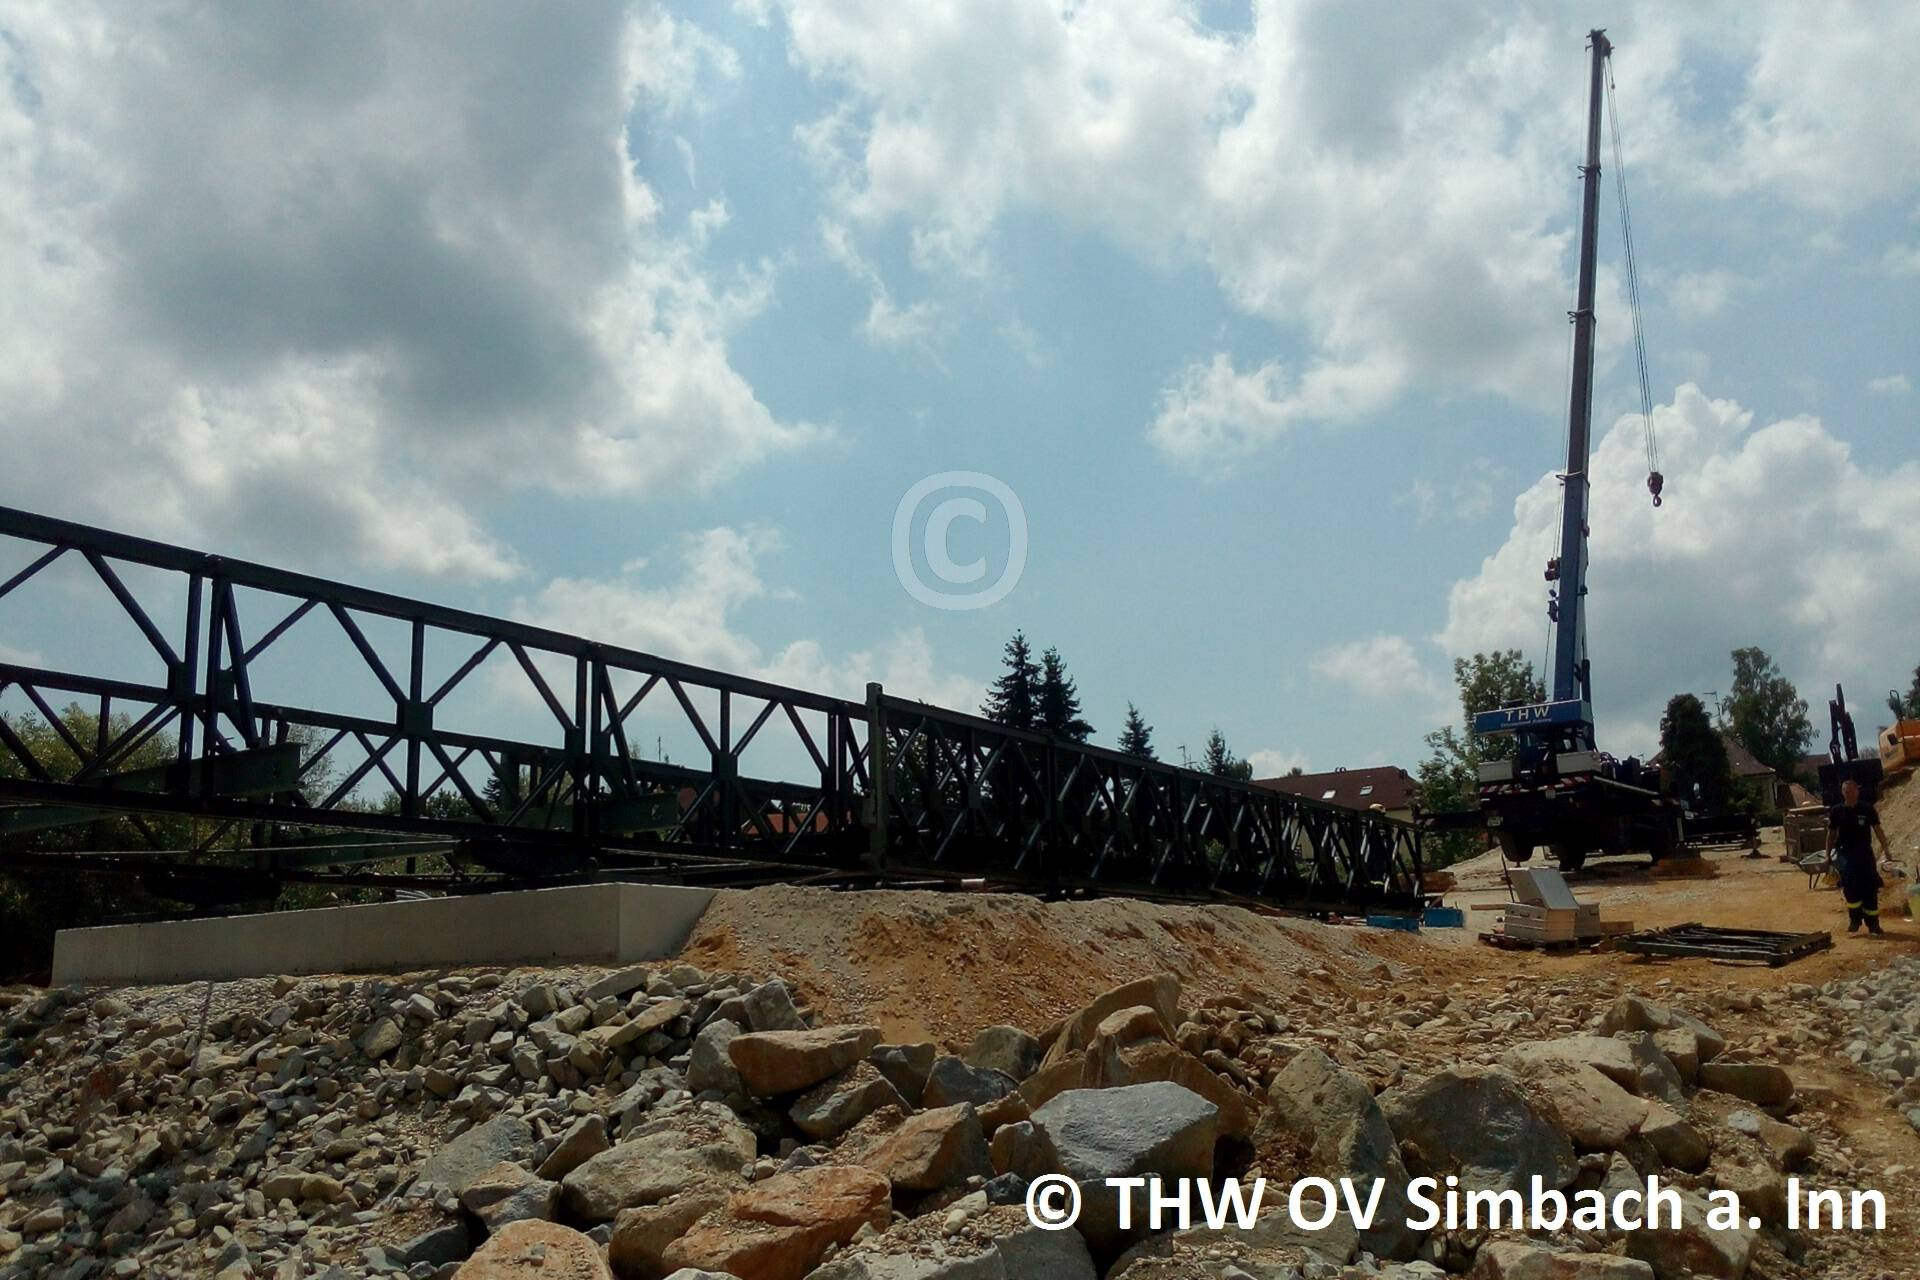 Das THW OV Freising baut eine Behelfsbrücke zum Schulzentrum